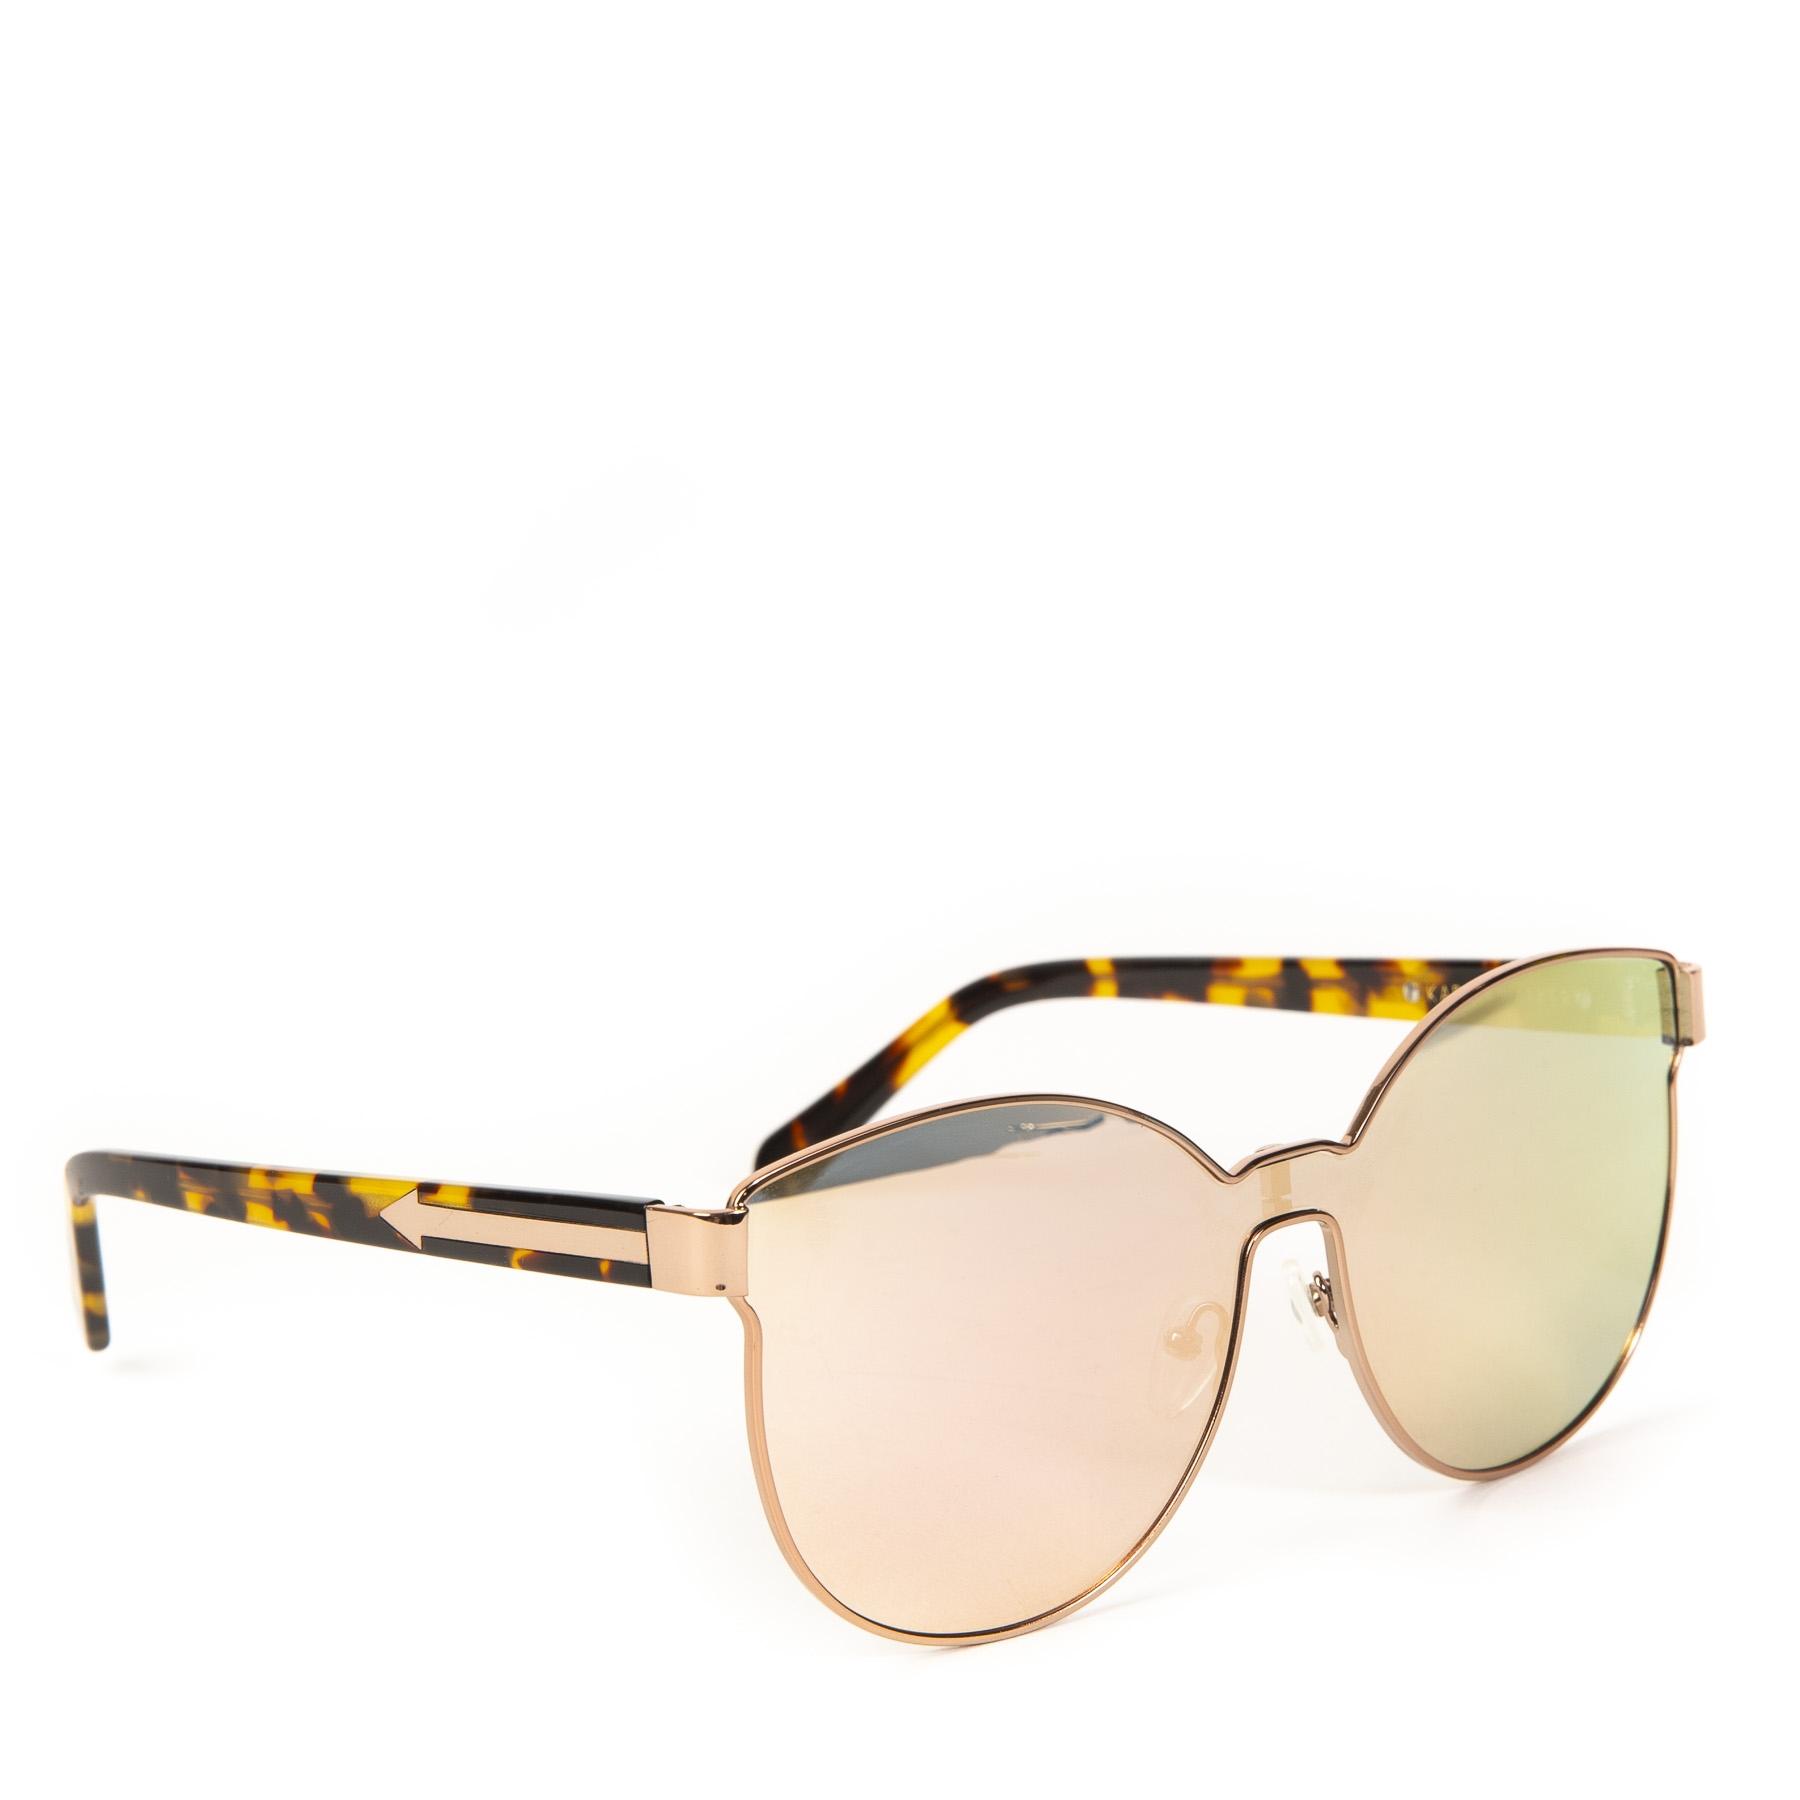 Authentieke Tweedehands Karen Walker Rose Gold Tortoise Cosmonaut Sunglasses juiste prijs veilig online shoppen webshop luxe merken winkelen Antwerpen België